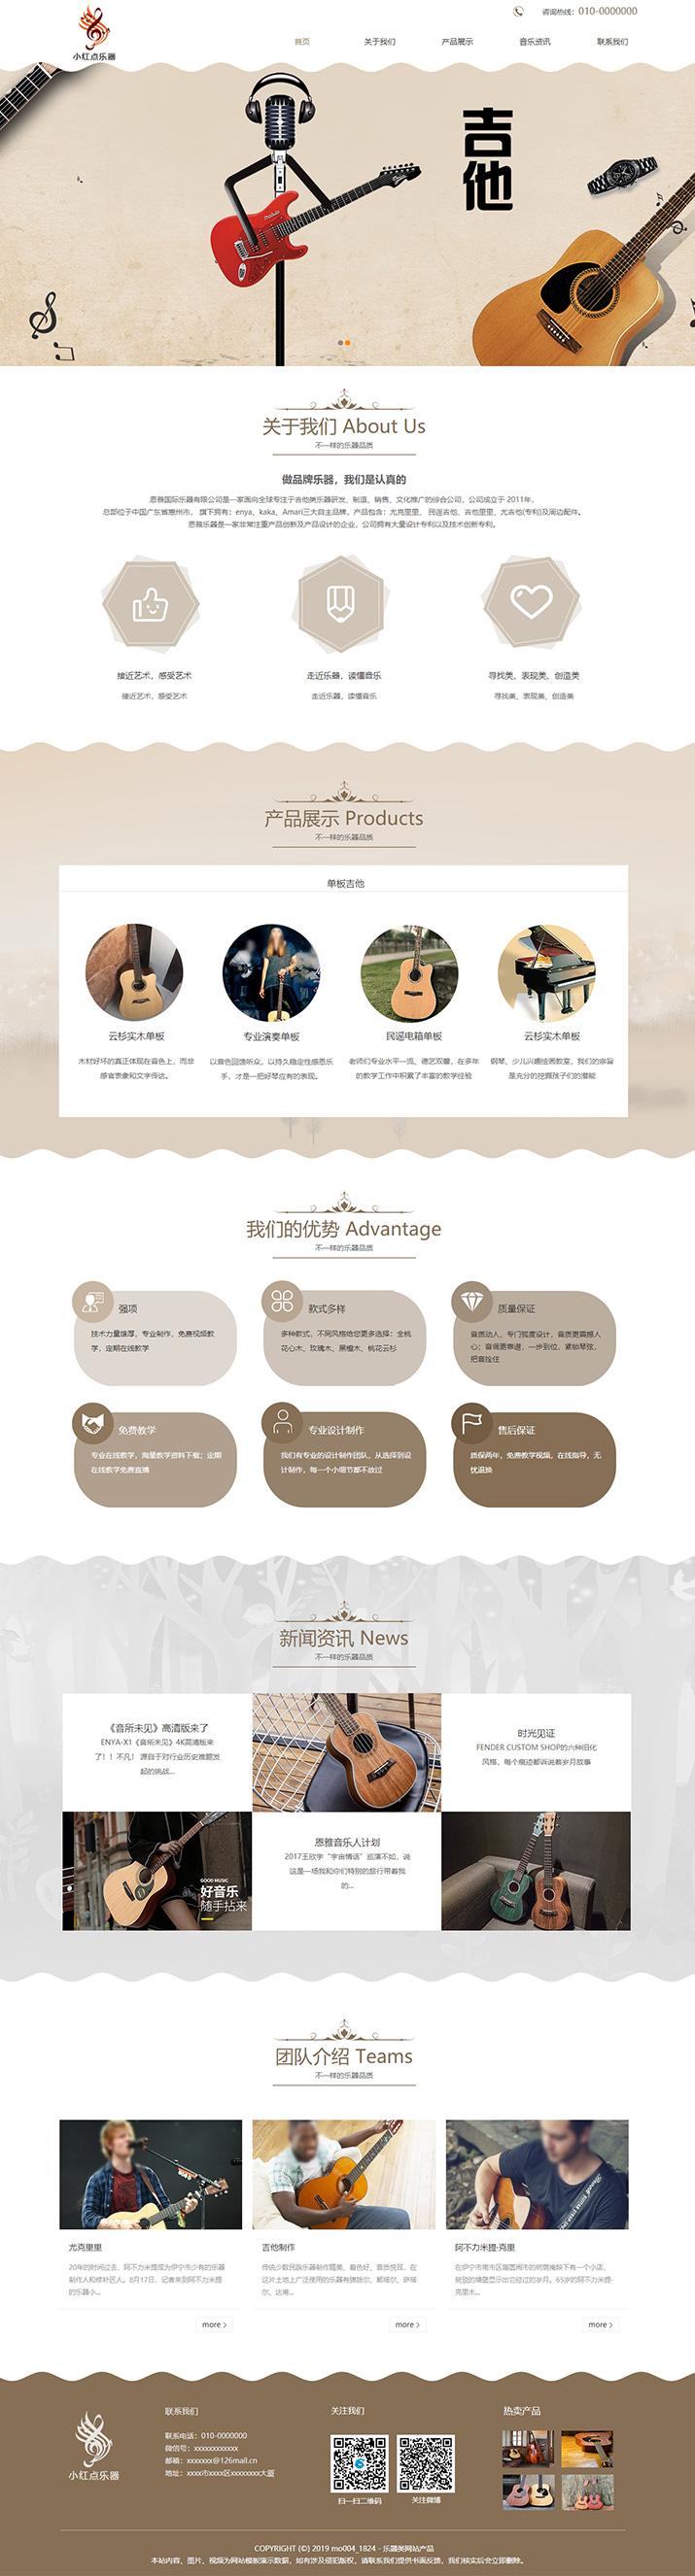 专业乐器公司模板